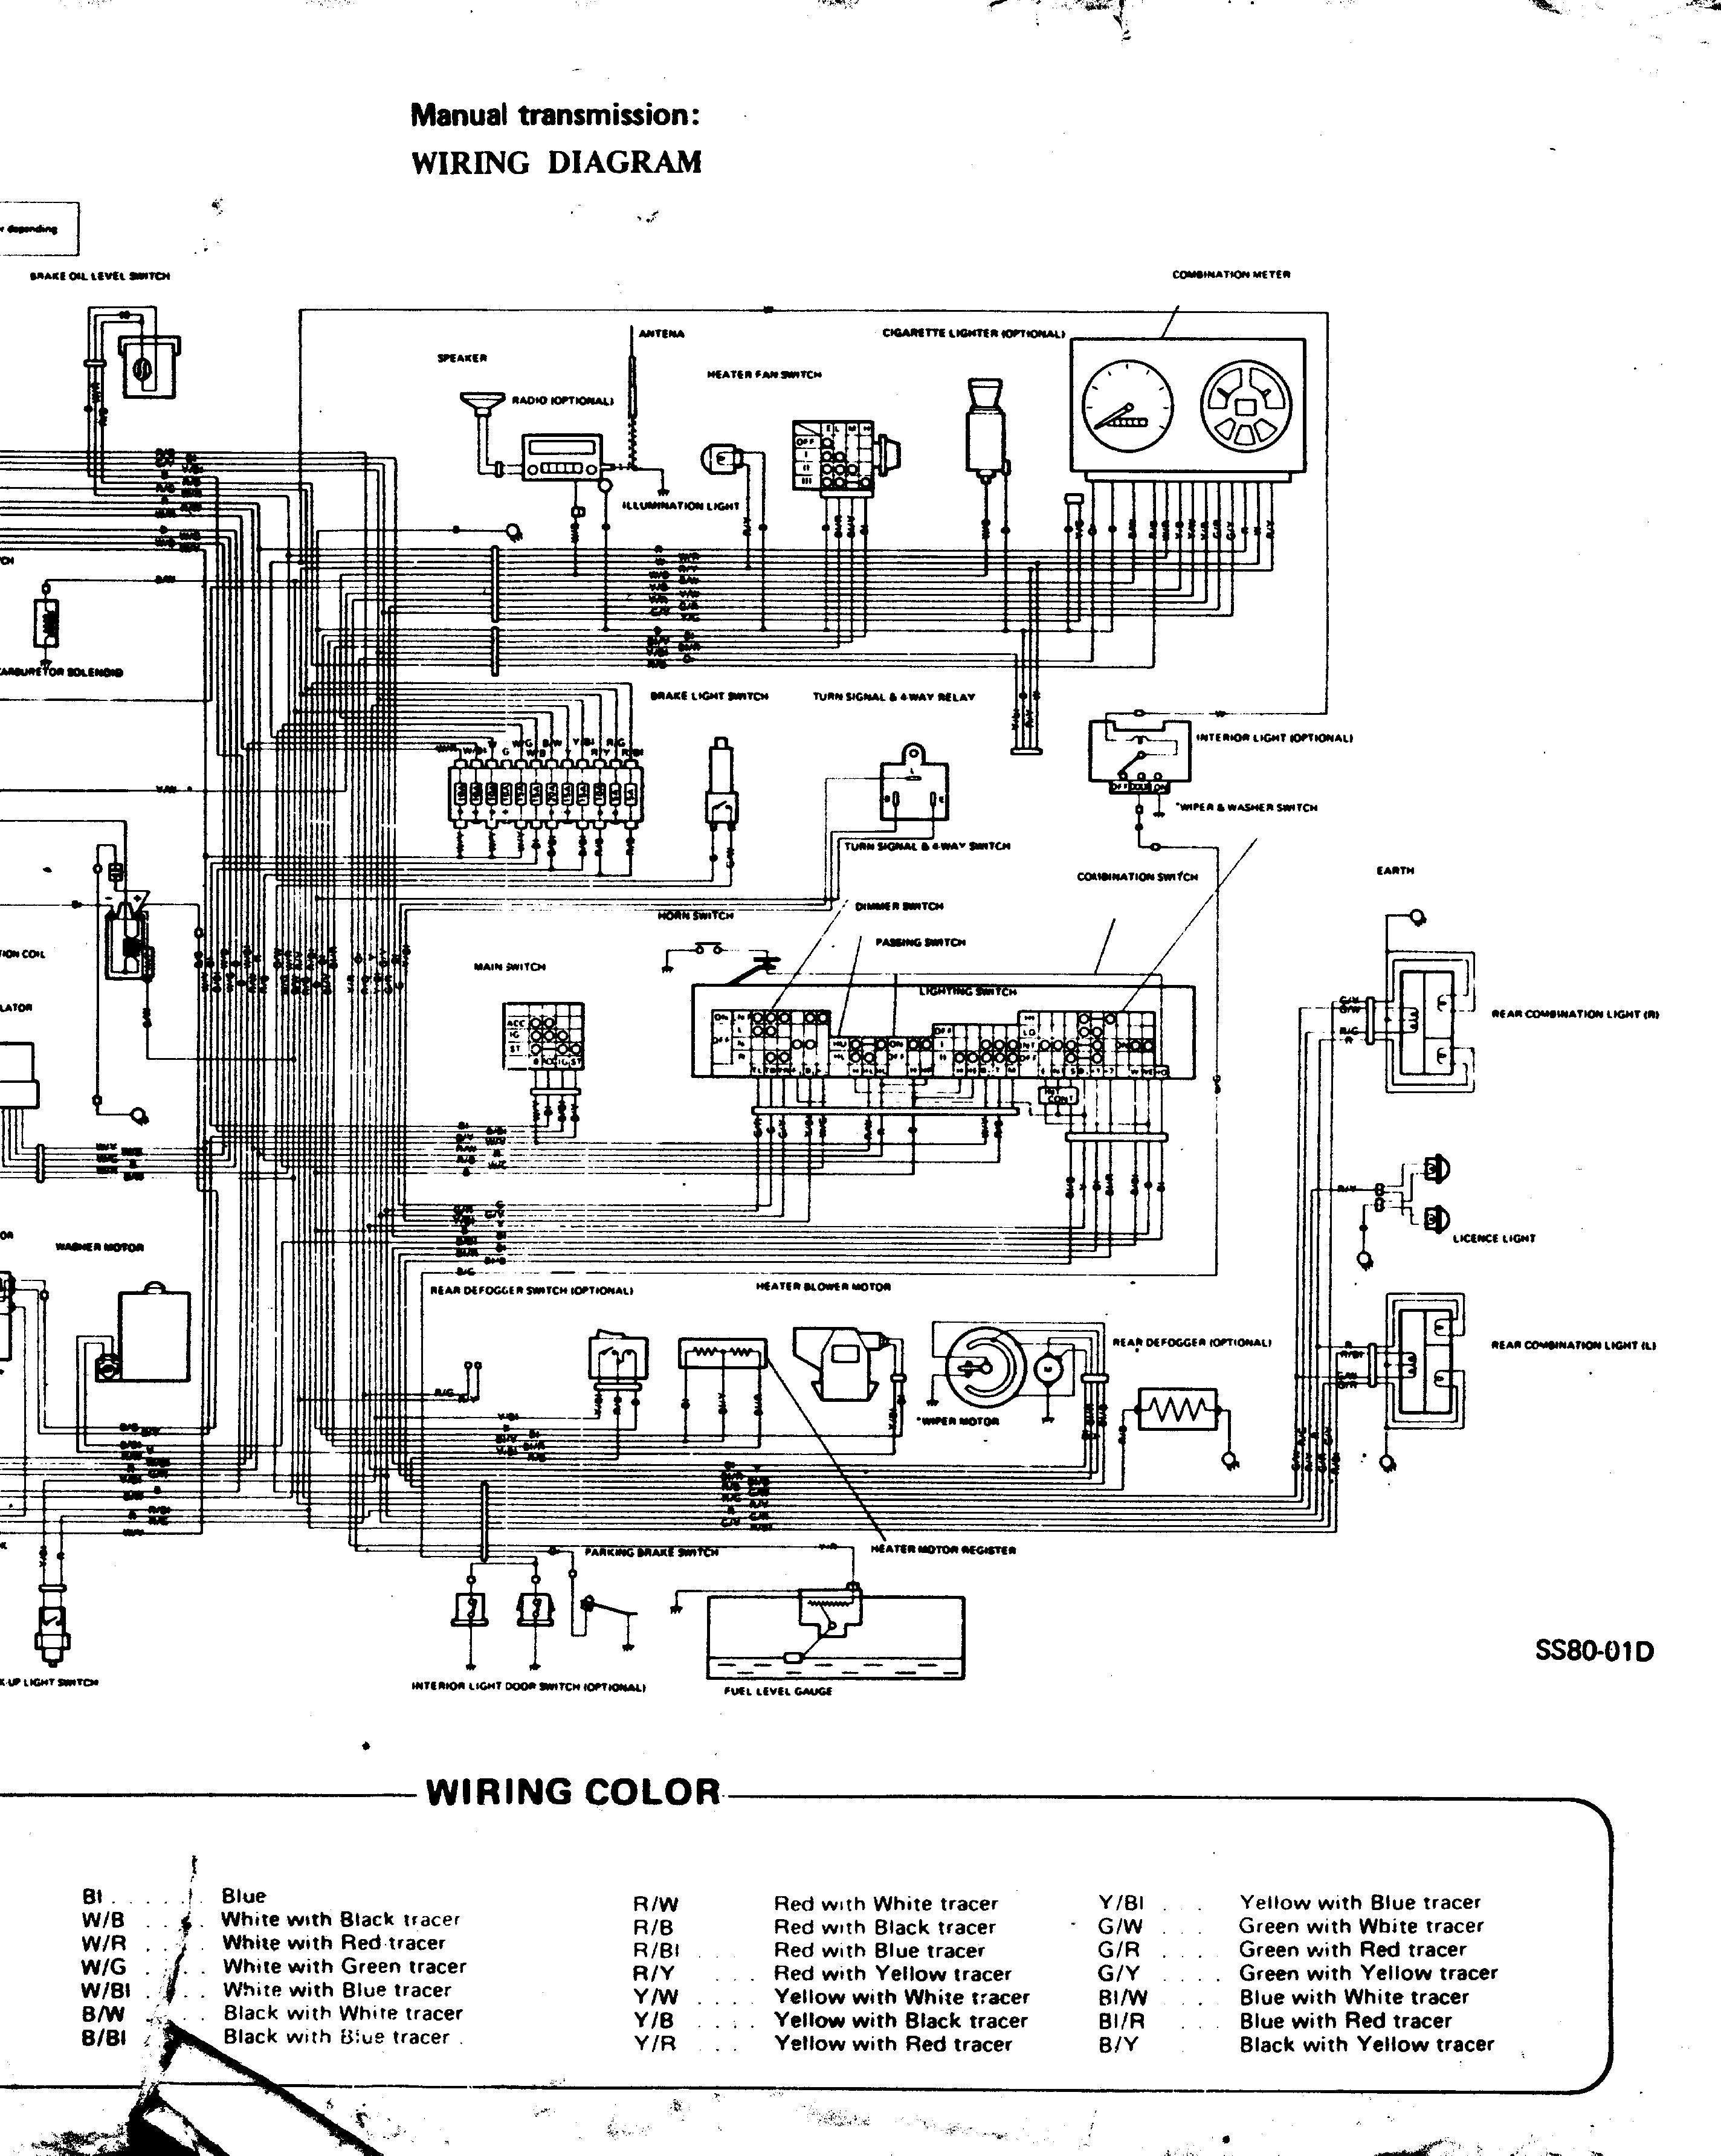 Dorable Suzuki Motorcycle Wiring Diagram Crest - The Wire - magnox.info